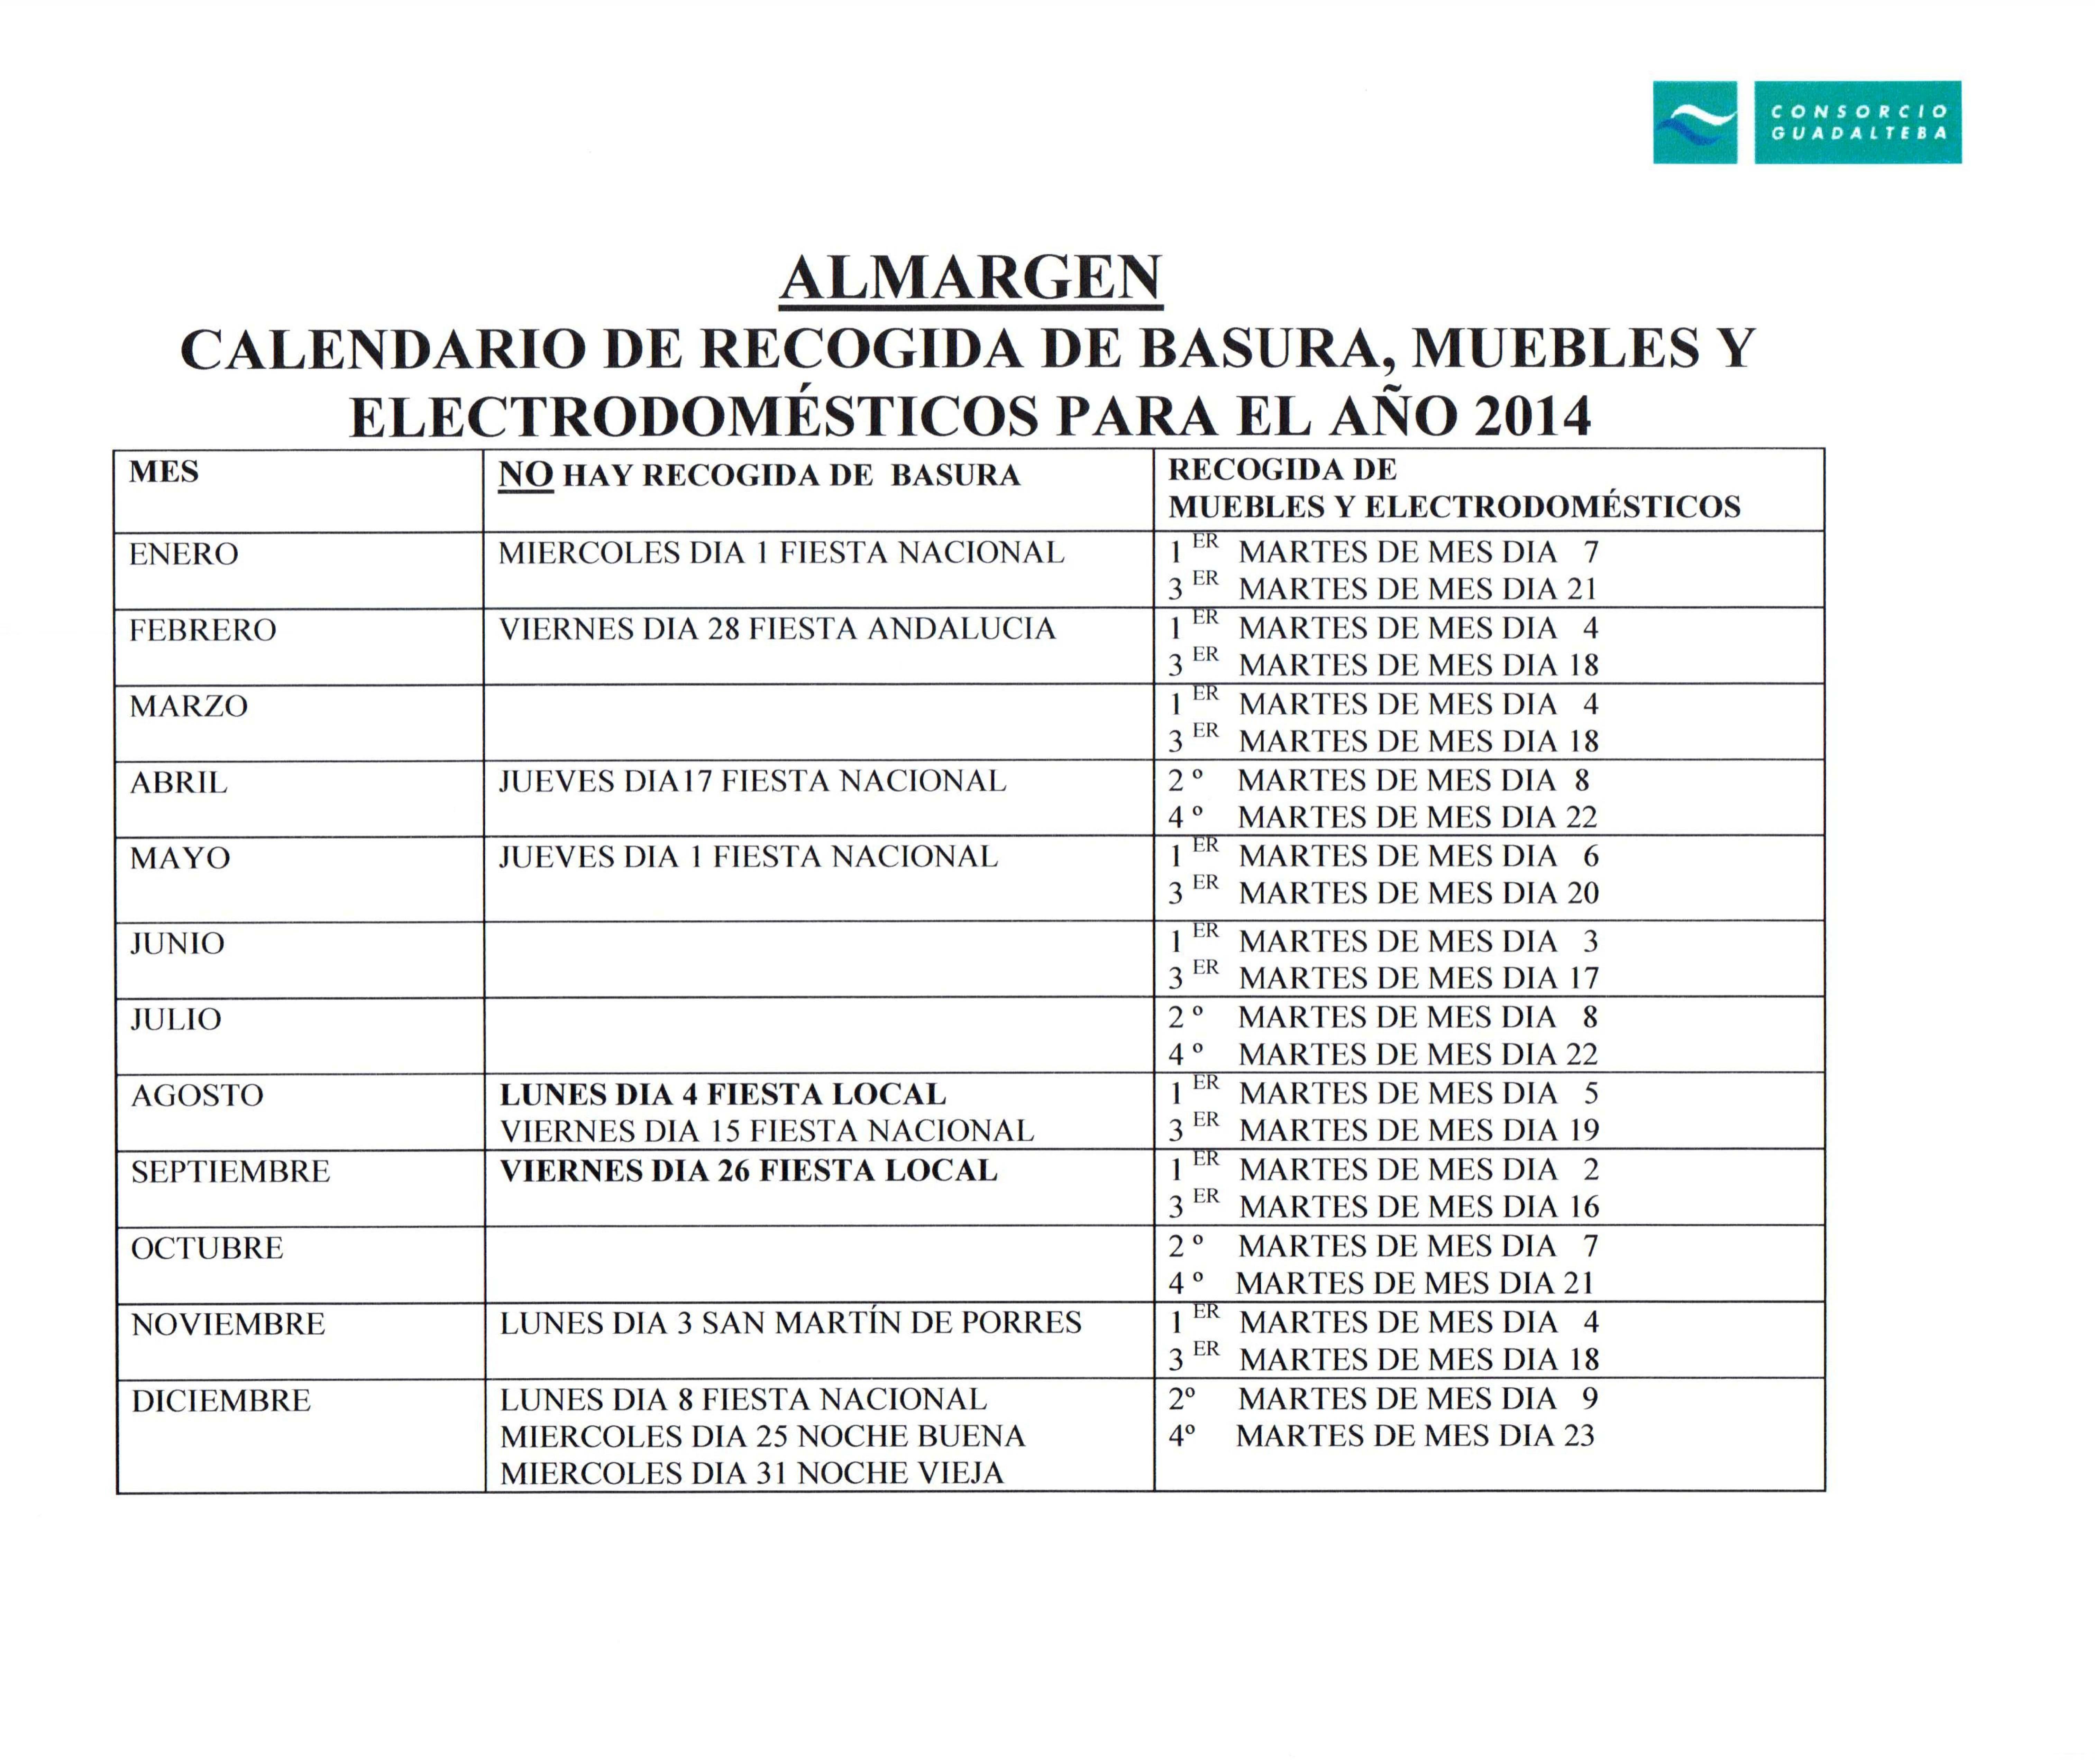 Servicio De Recogida De Muebles : Calendario de recogida basuras muebles y